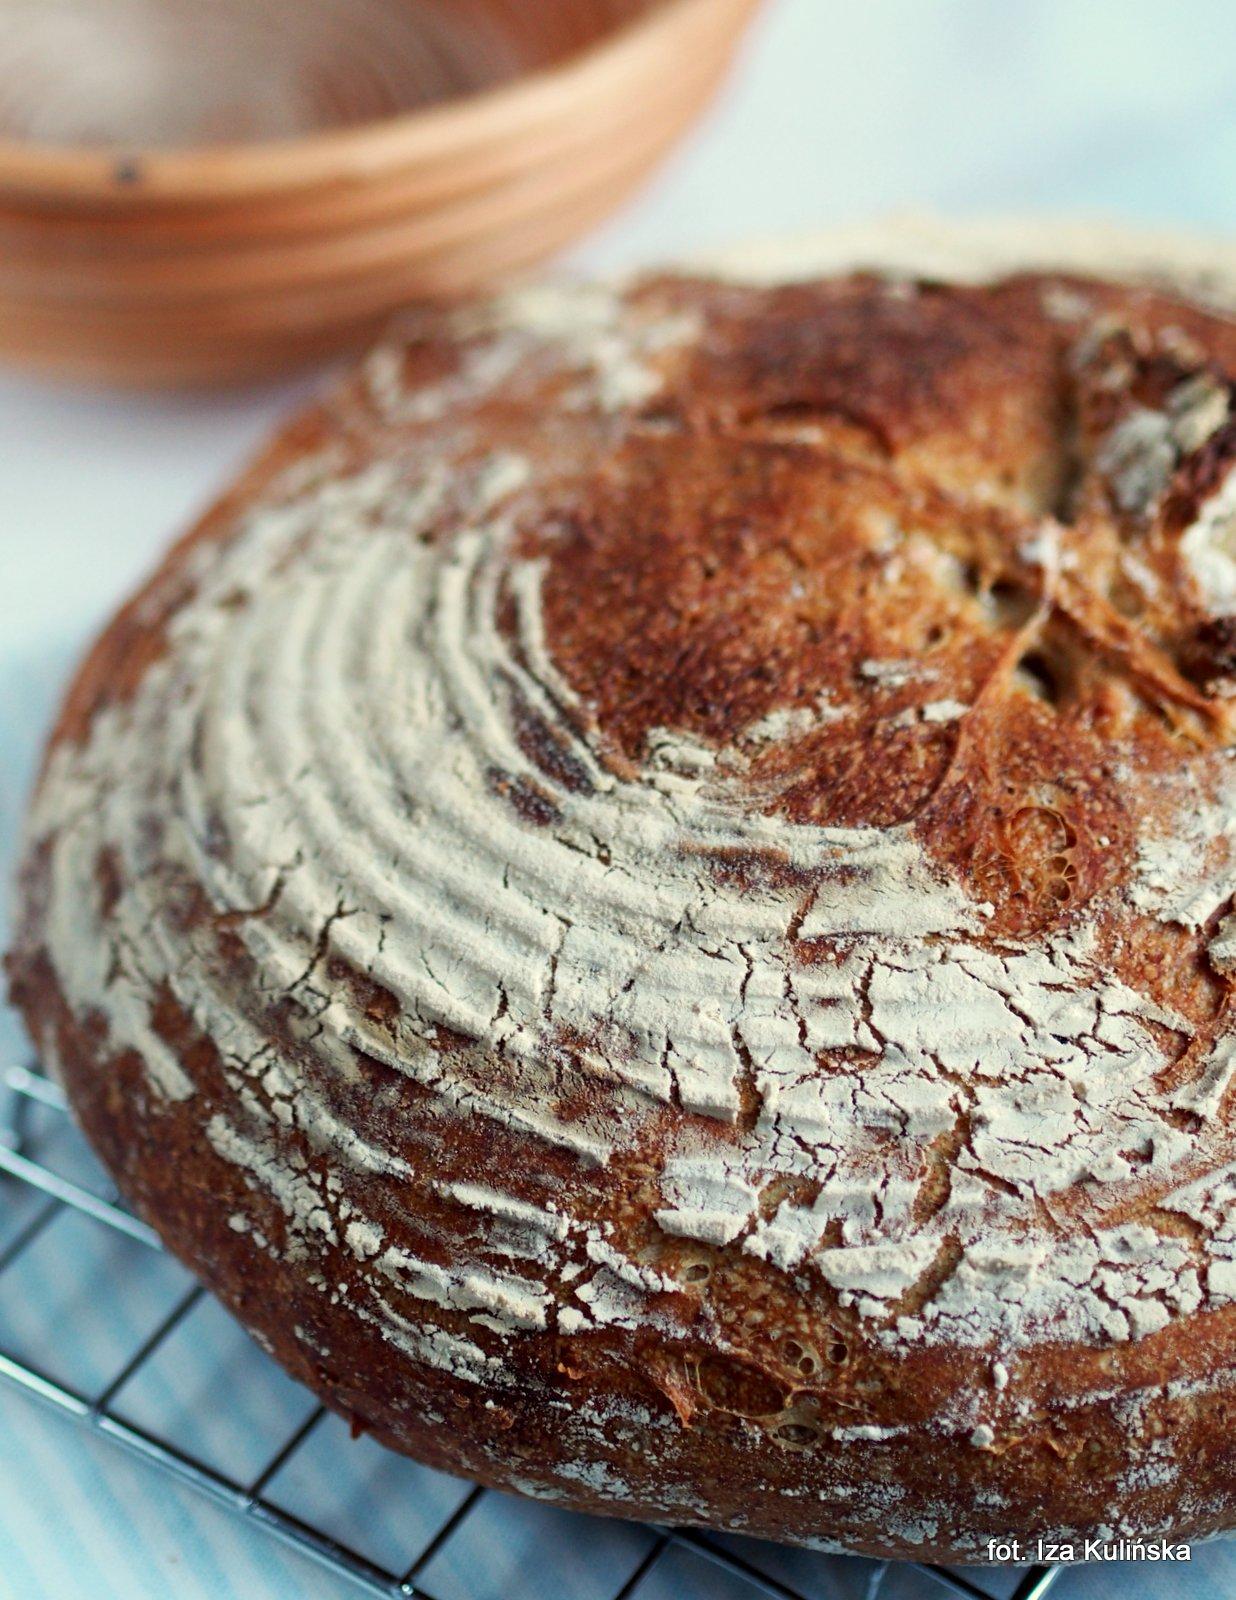 Domowe pieczywo - chleb wiejski, francuski - wypiekanie na śniadanie